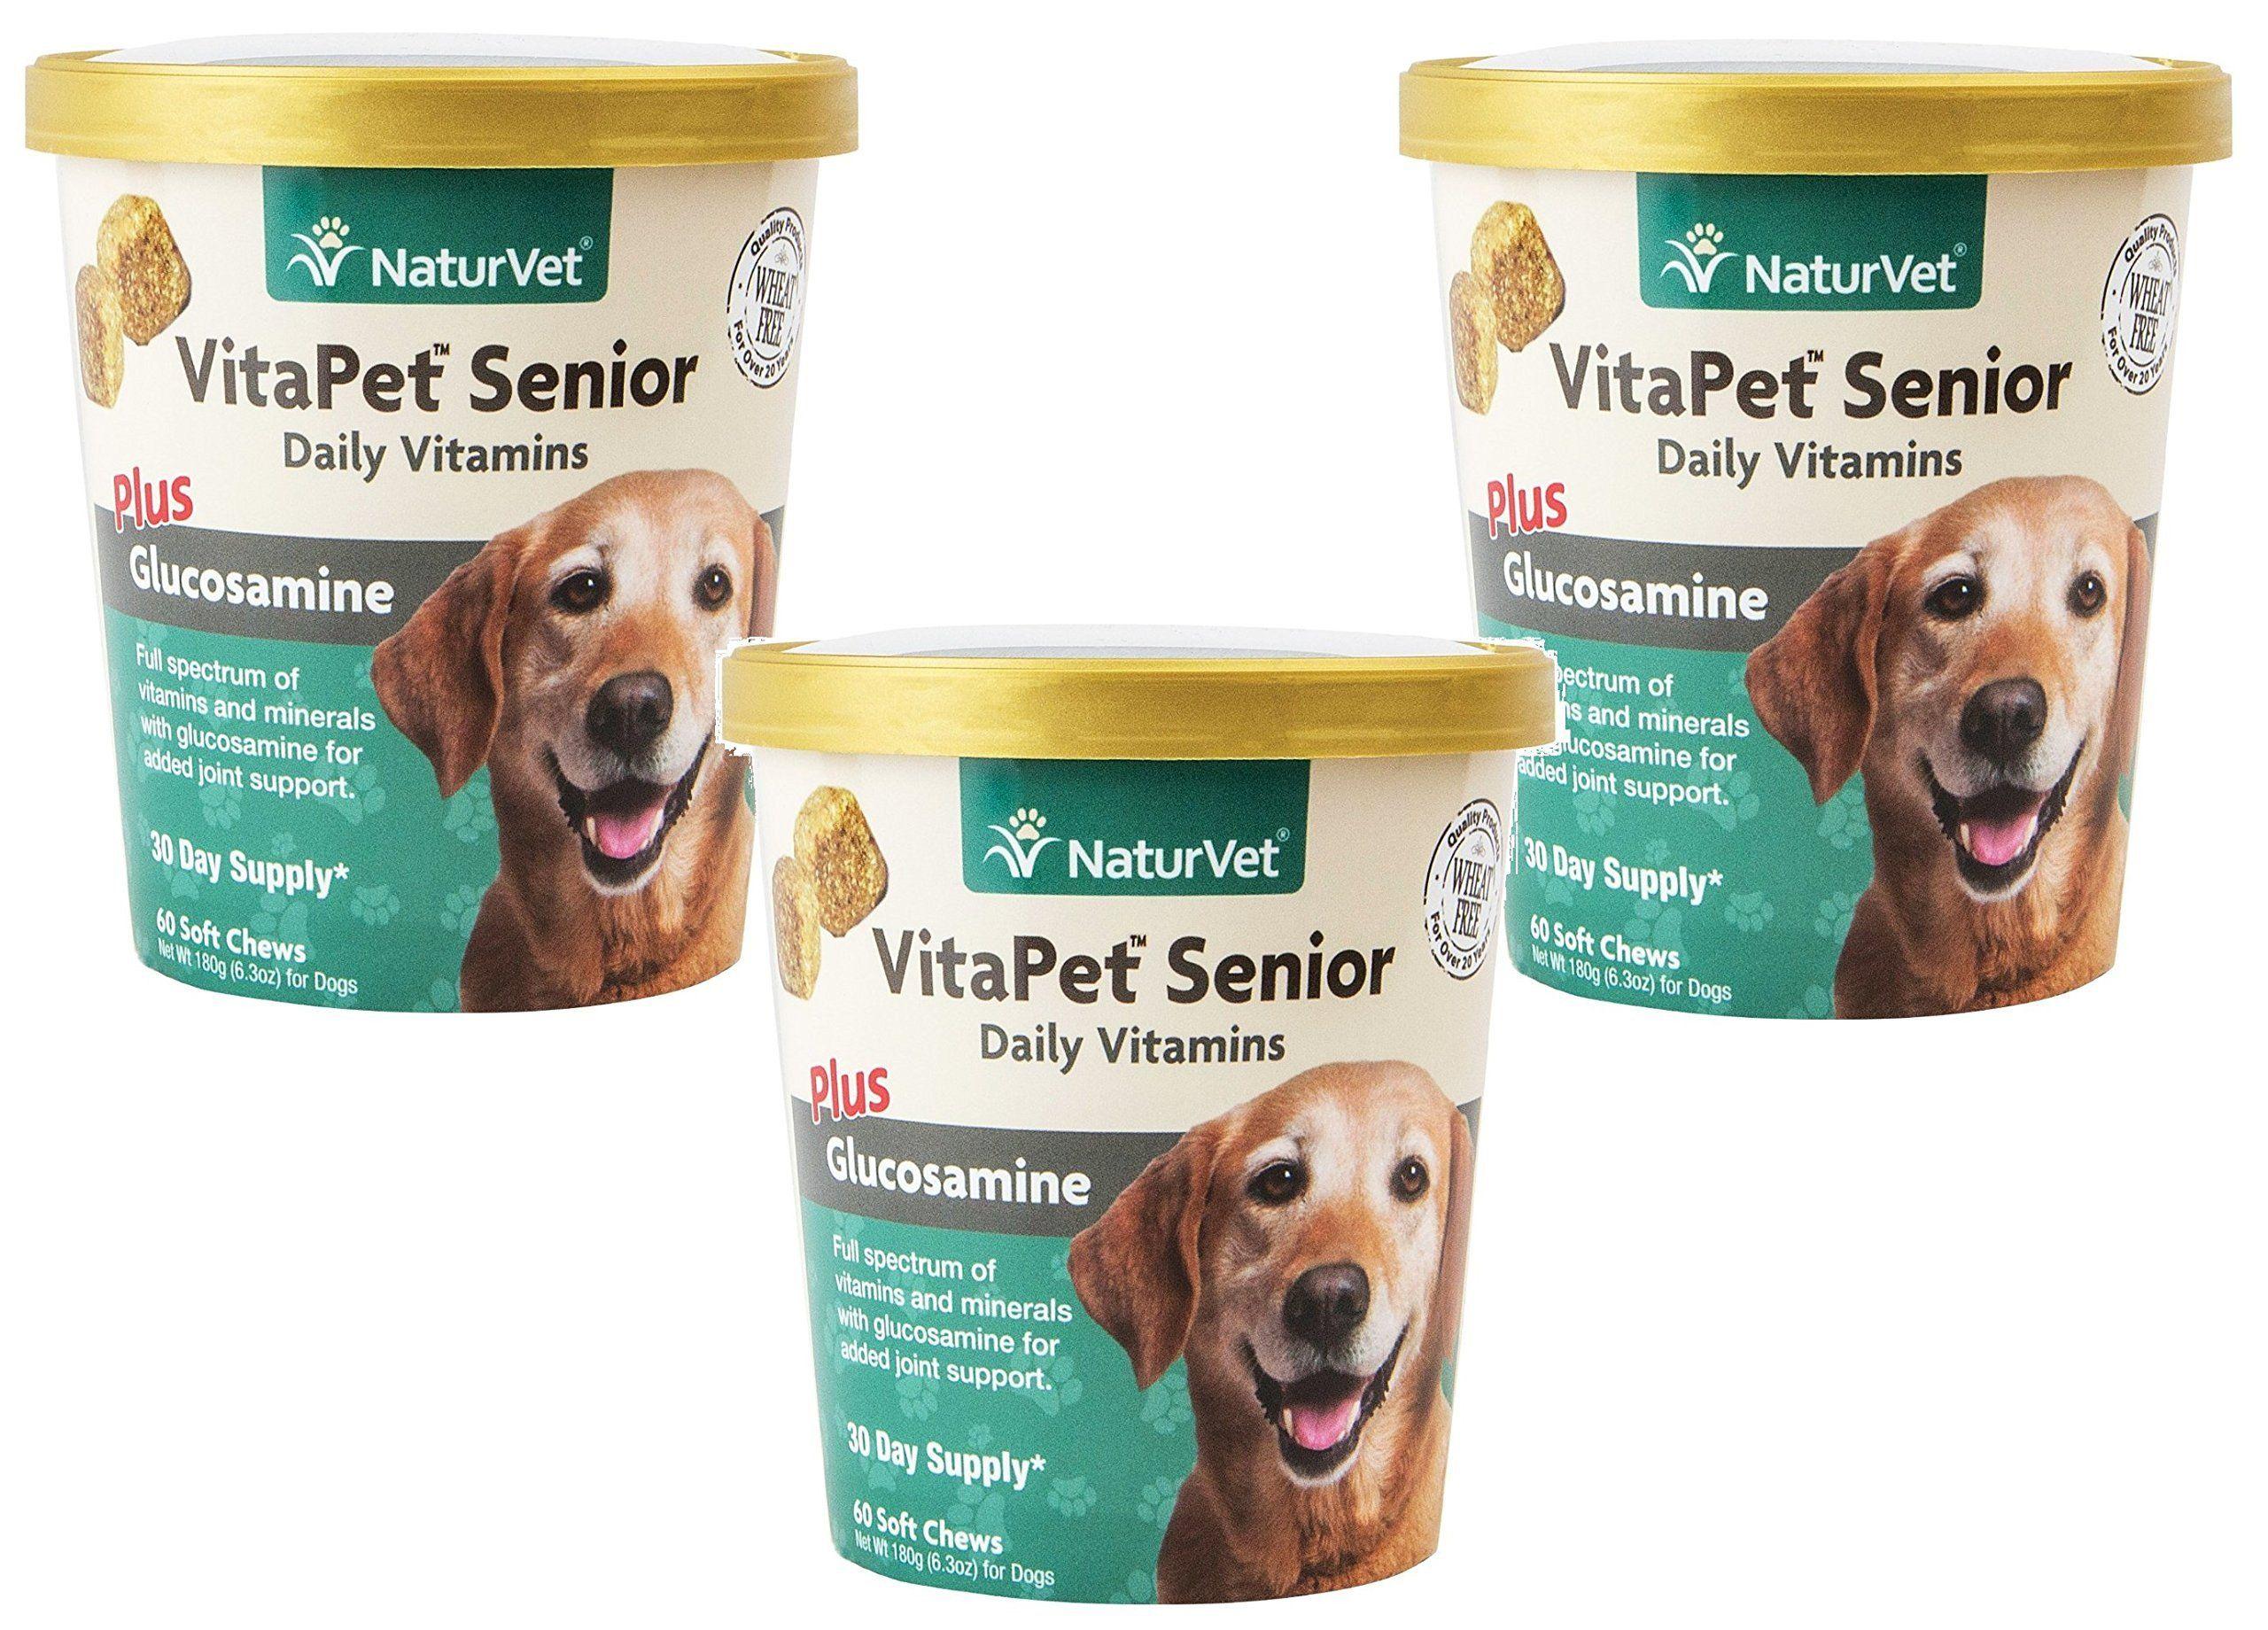 180 Count Naturvet Vitapet Senior Daily Vitamins Plus Glucosamine